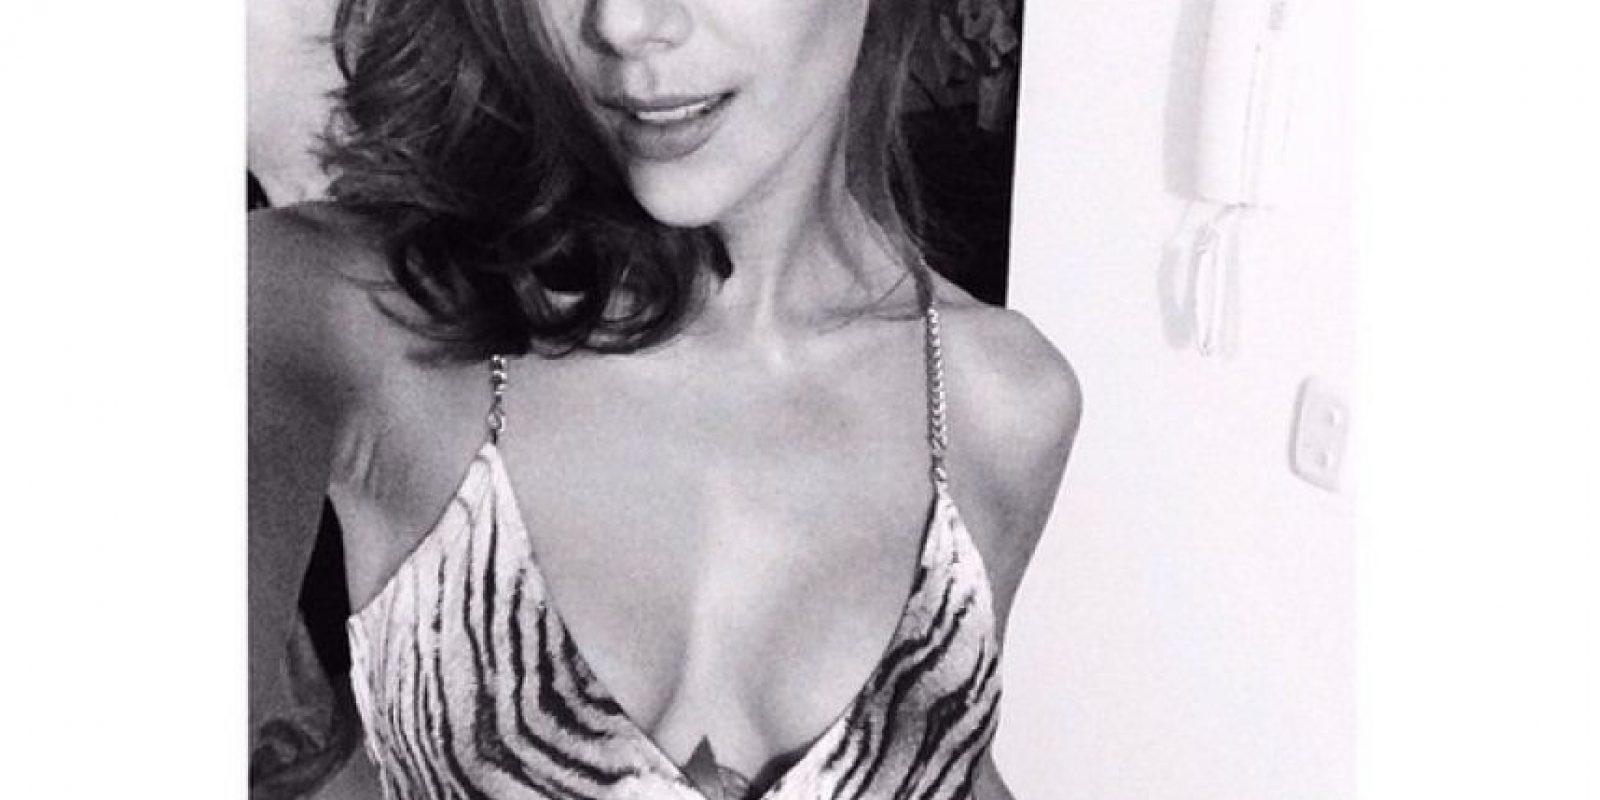 Pasó de ser una tierna chica a convertirse en una bomba sexi. Foto:Instagram Greeicy Rendón